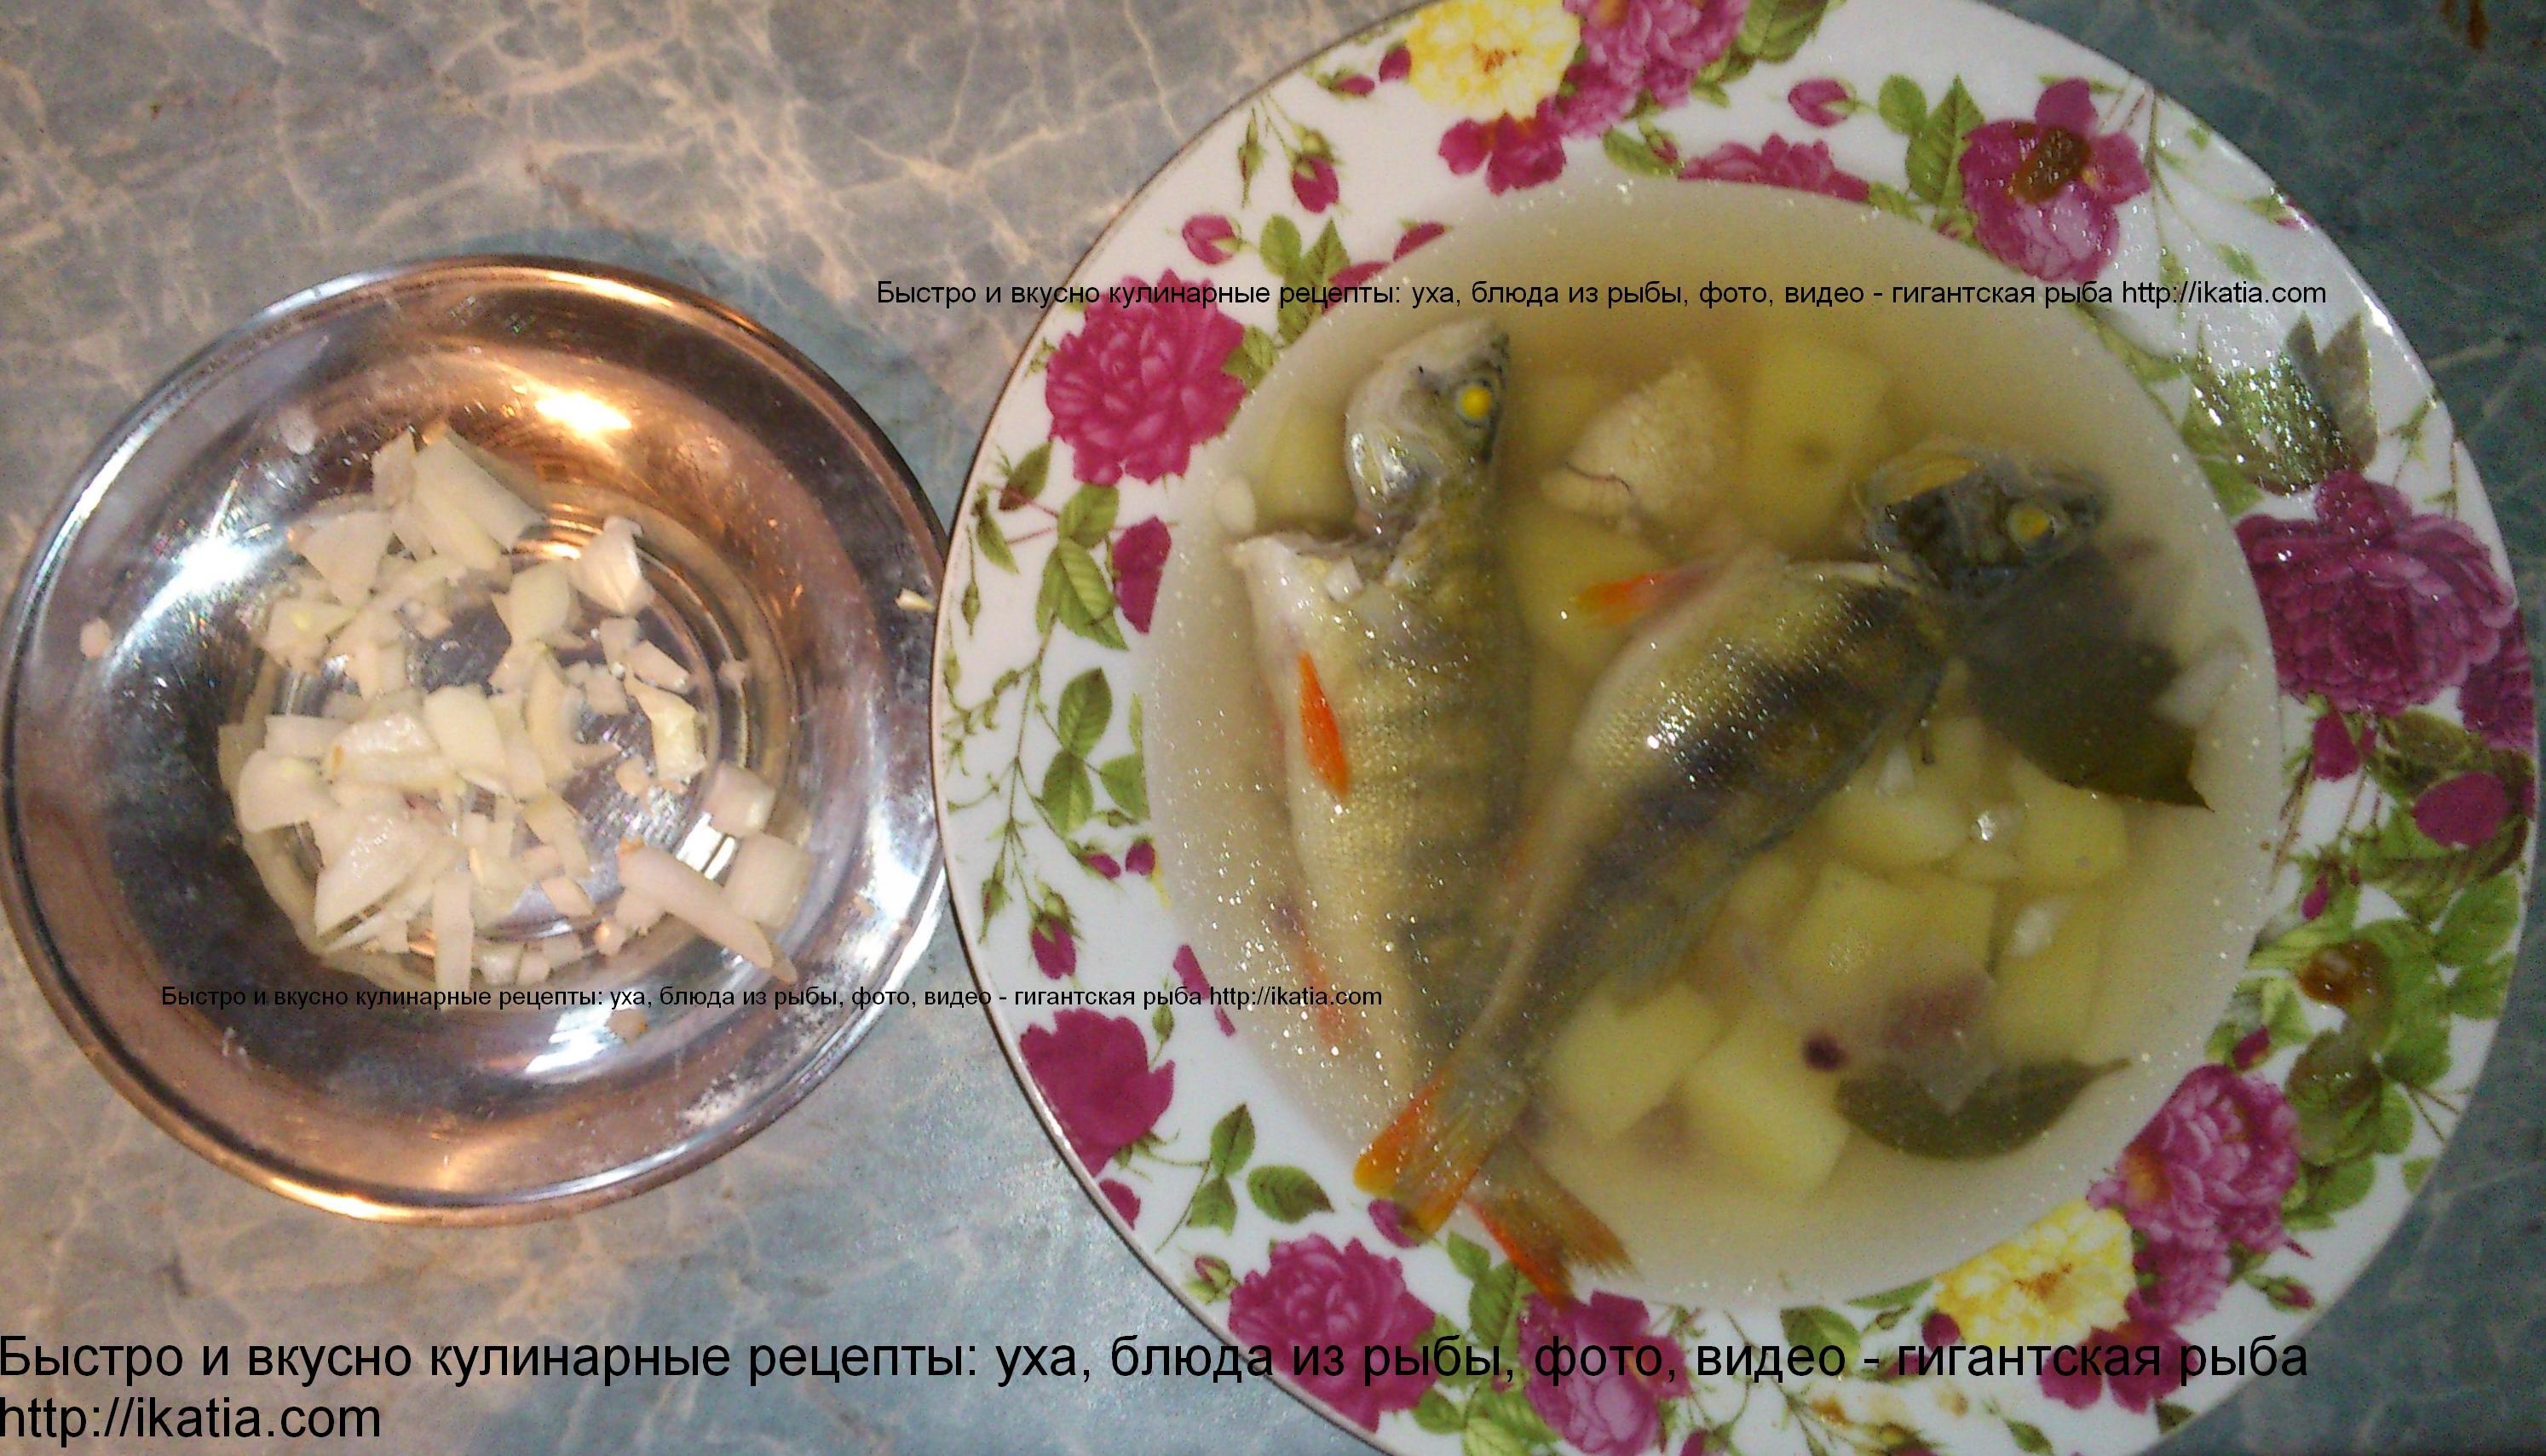 Пошаговый рецепт приготовления борща с говядиной